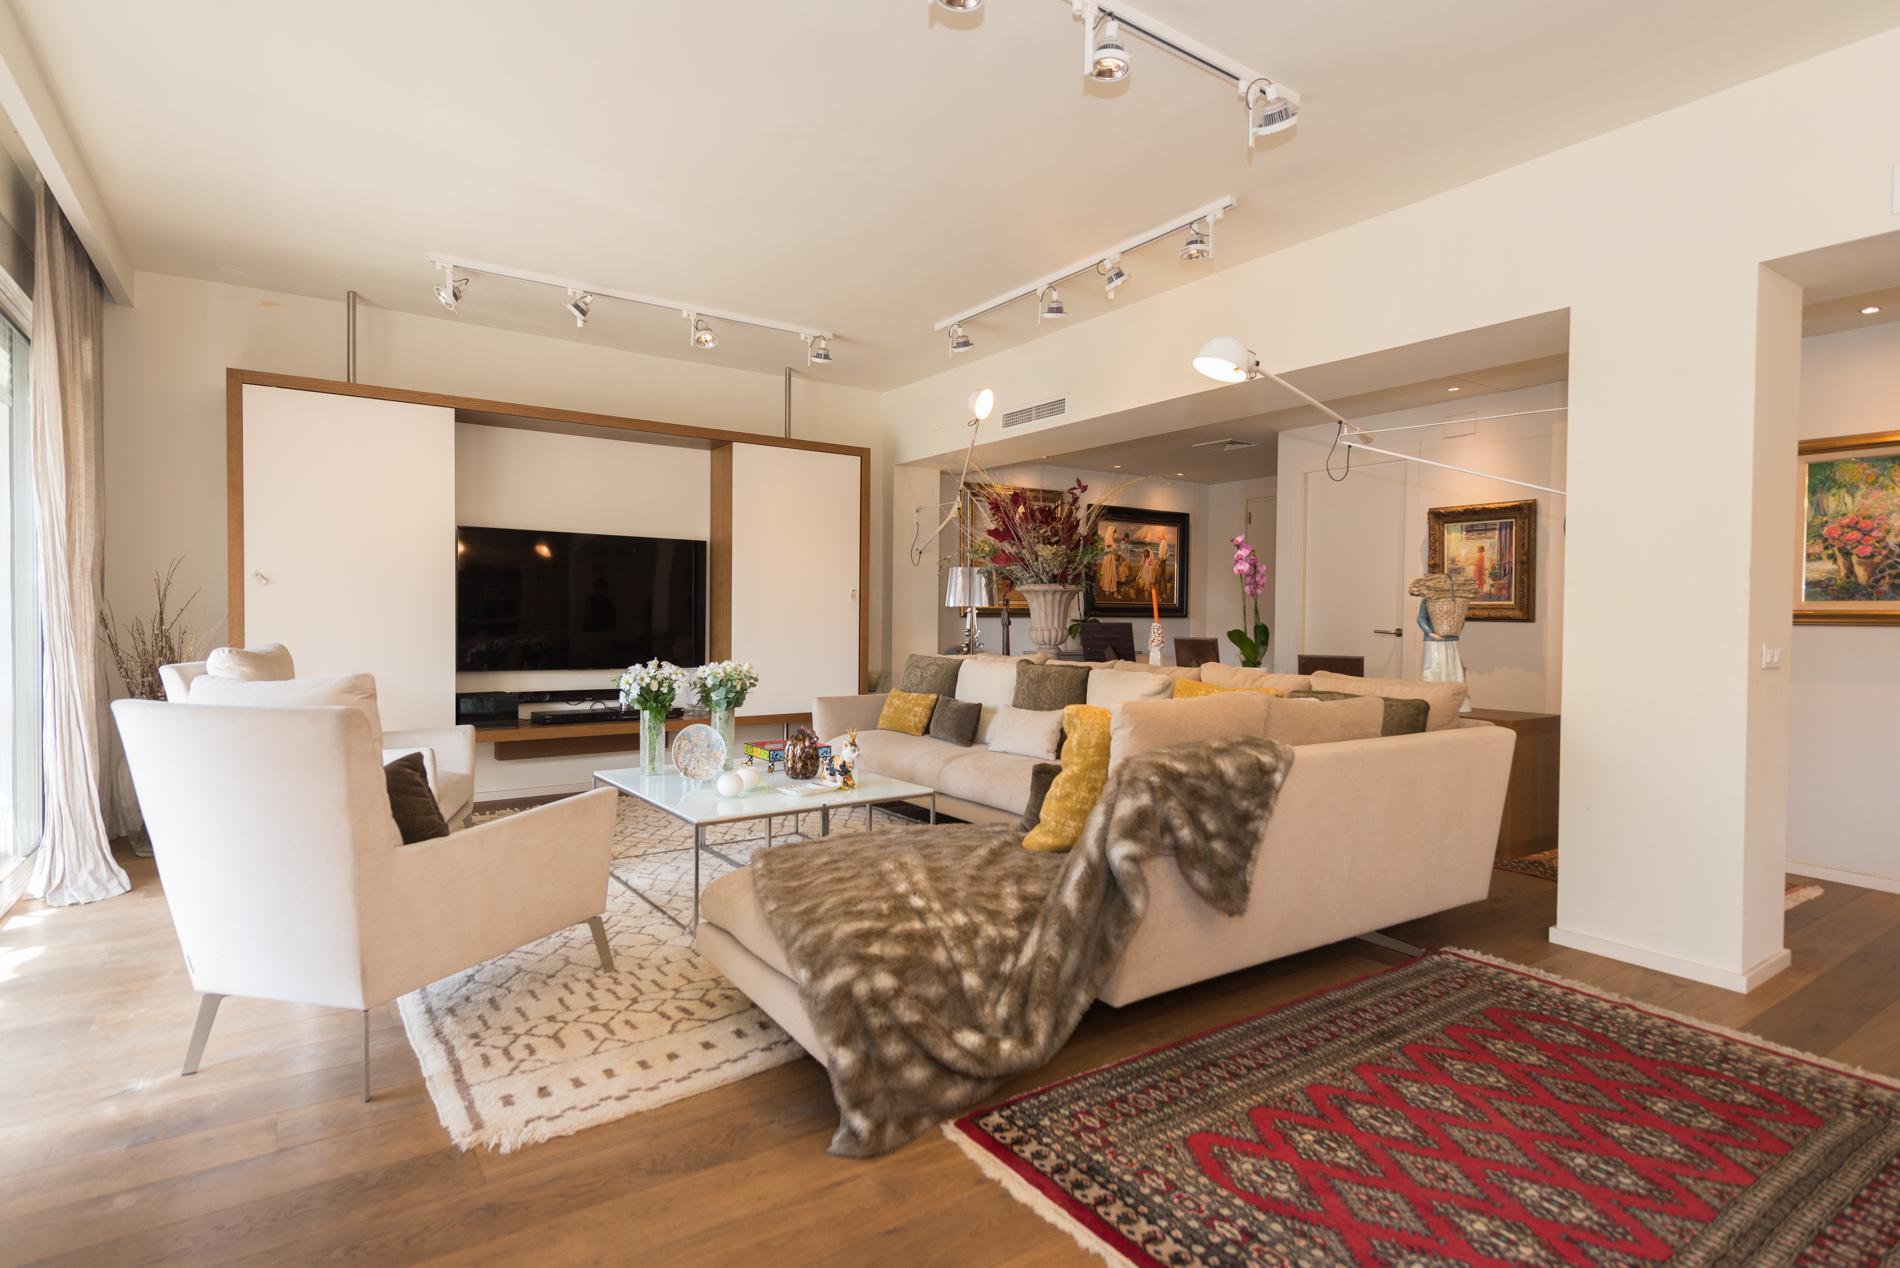 222426 Apartment for sale in Eixample, Dreta Eixample 7